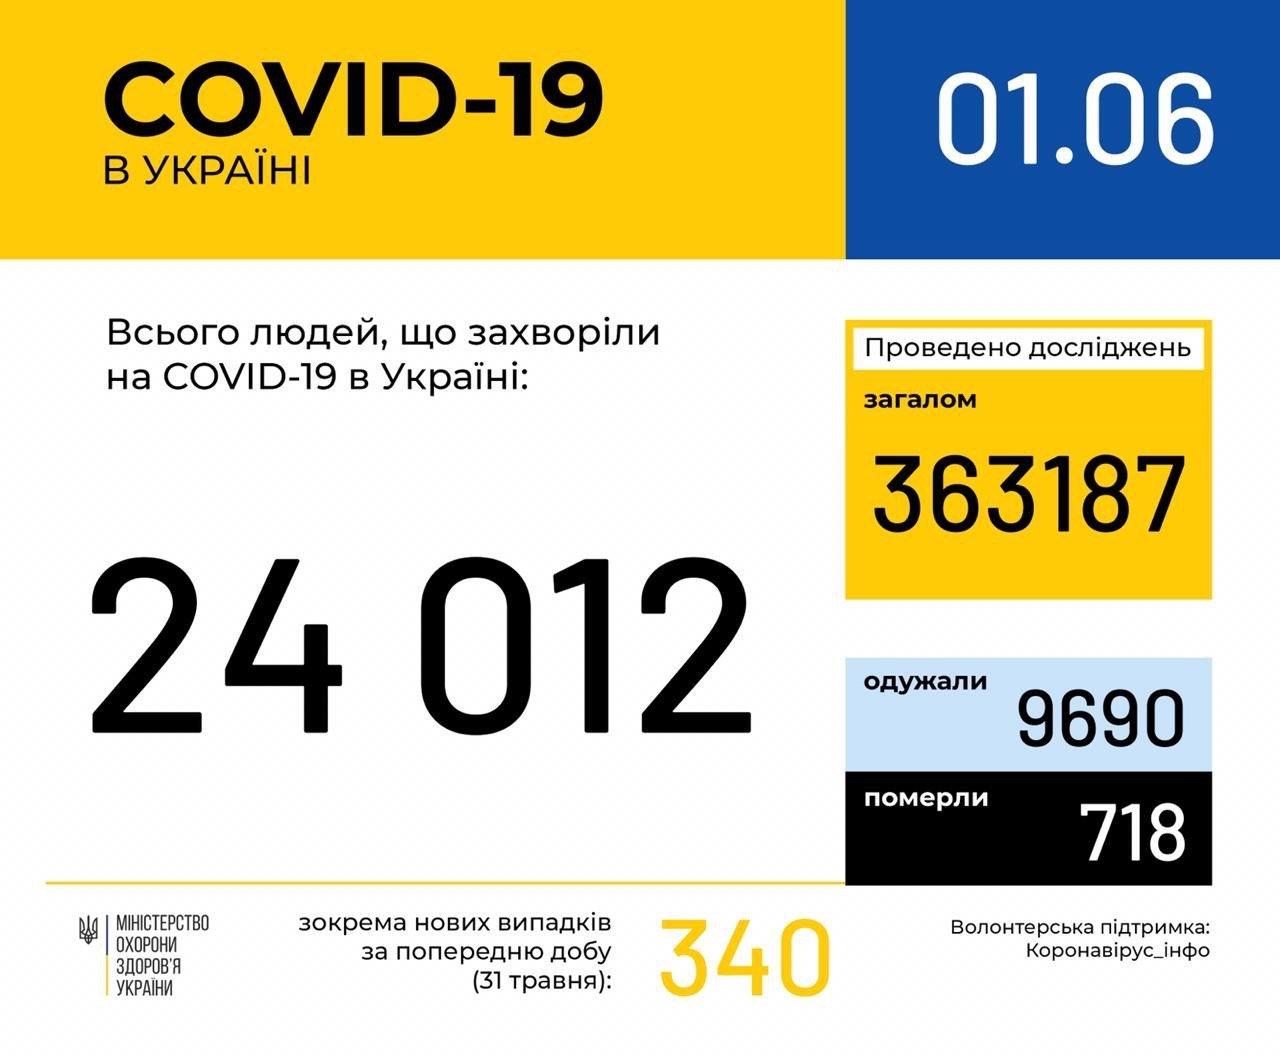 В Украине COVID-19 заболели свыше 24 тысяч человек